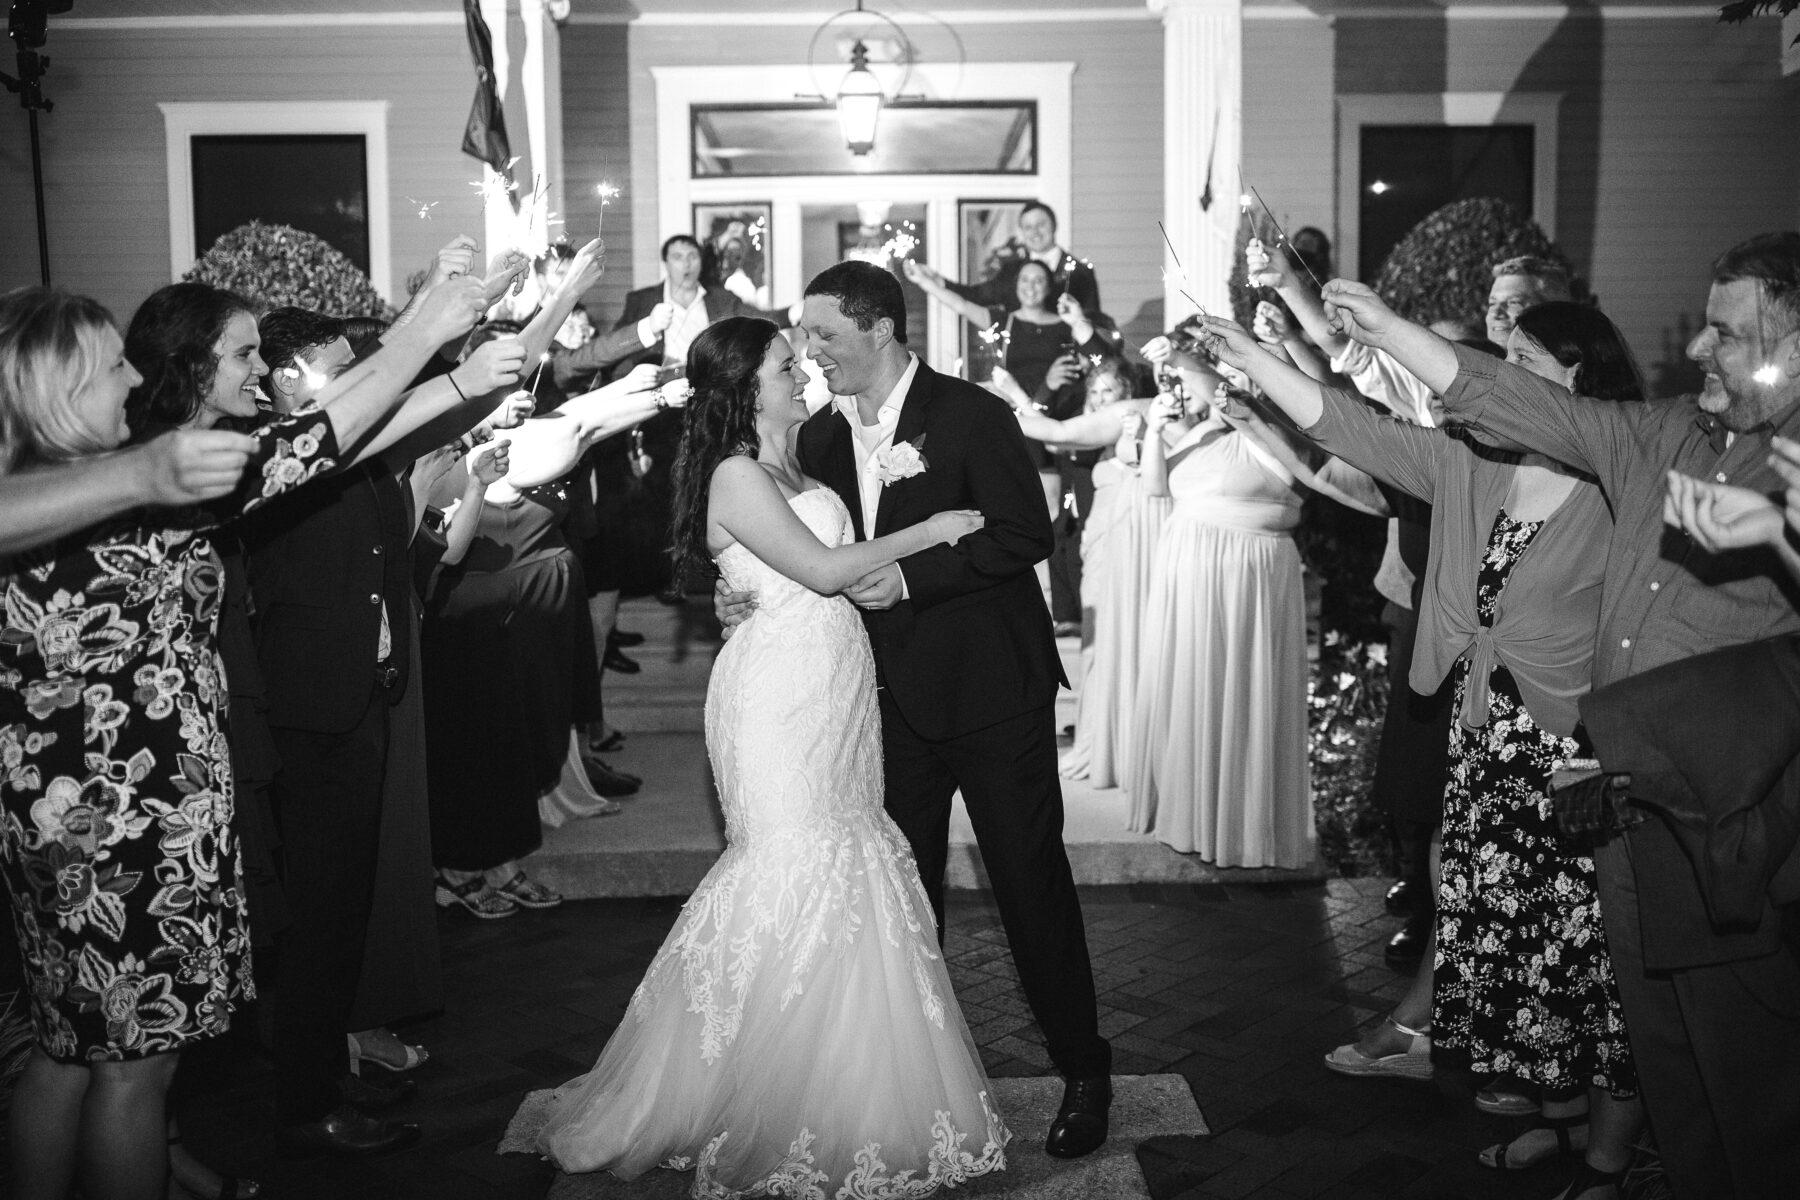 Sparkler wedding exit | Nashville Bride Guide